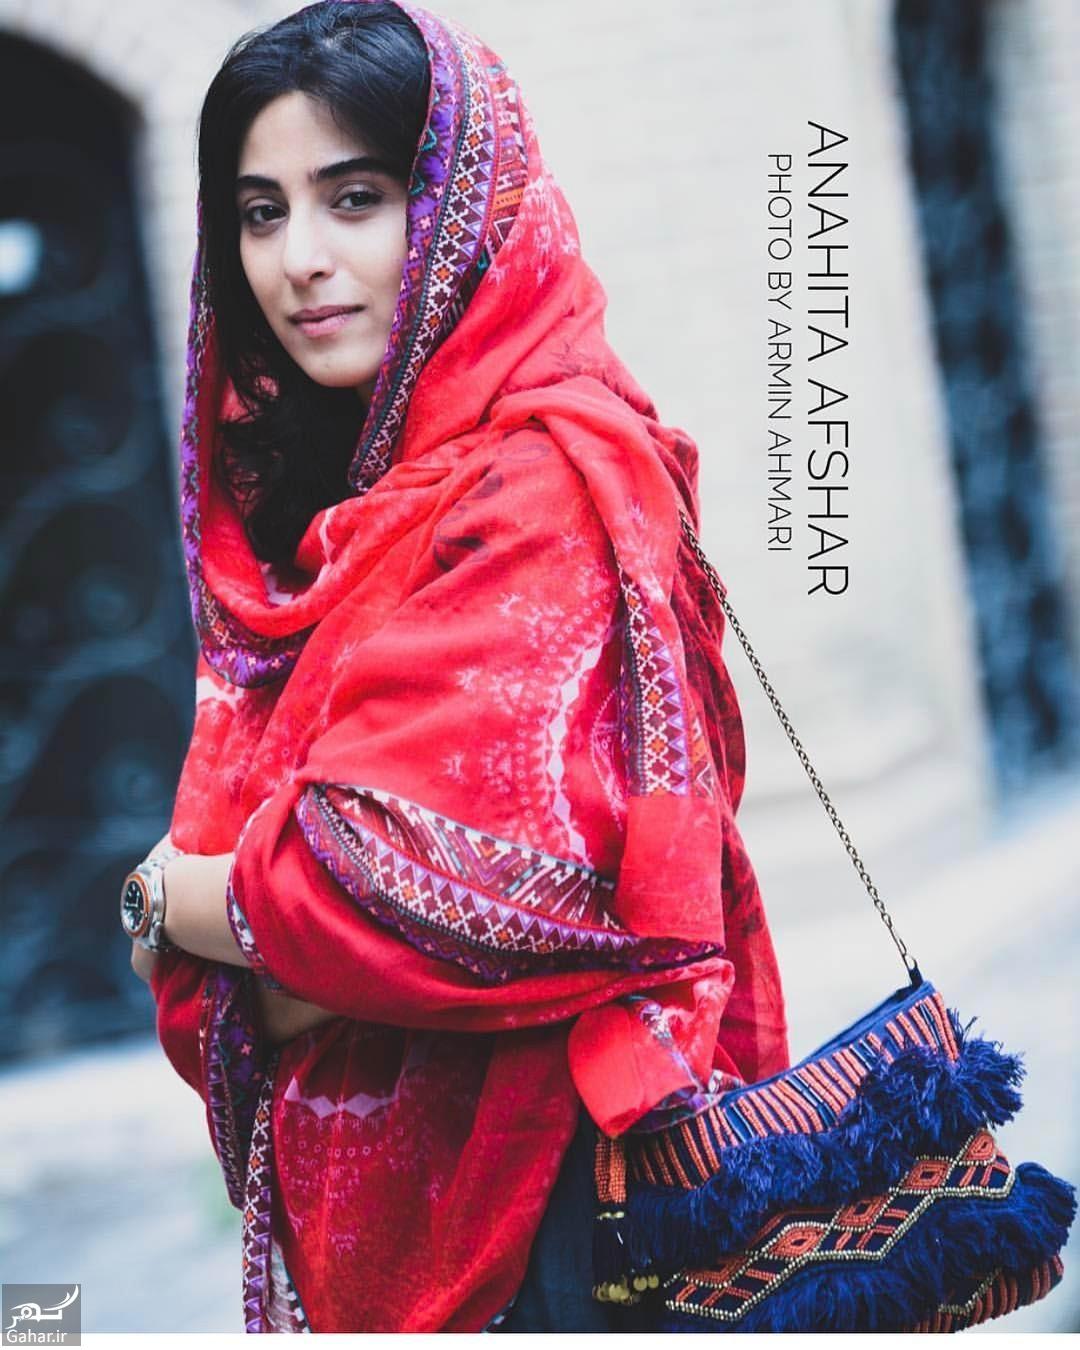 650494 Gahar ir عکس های آناهیتا افشار با لباس هندی در مراسم رونمایی از پوستر «ویلایی ها»